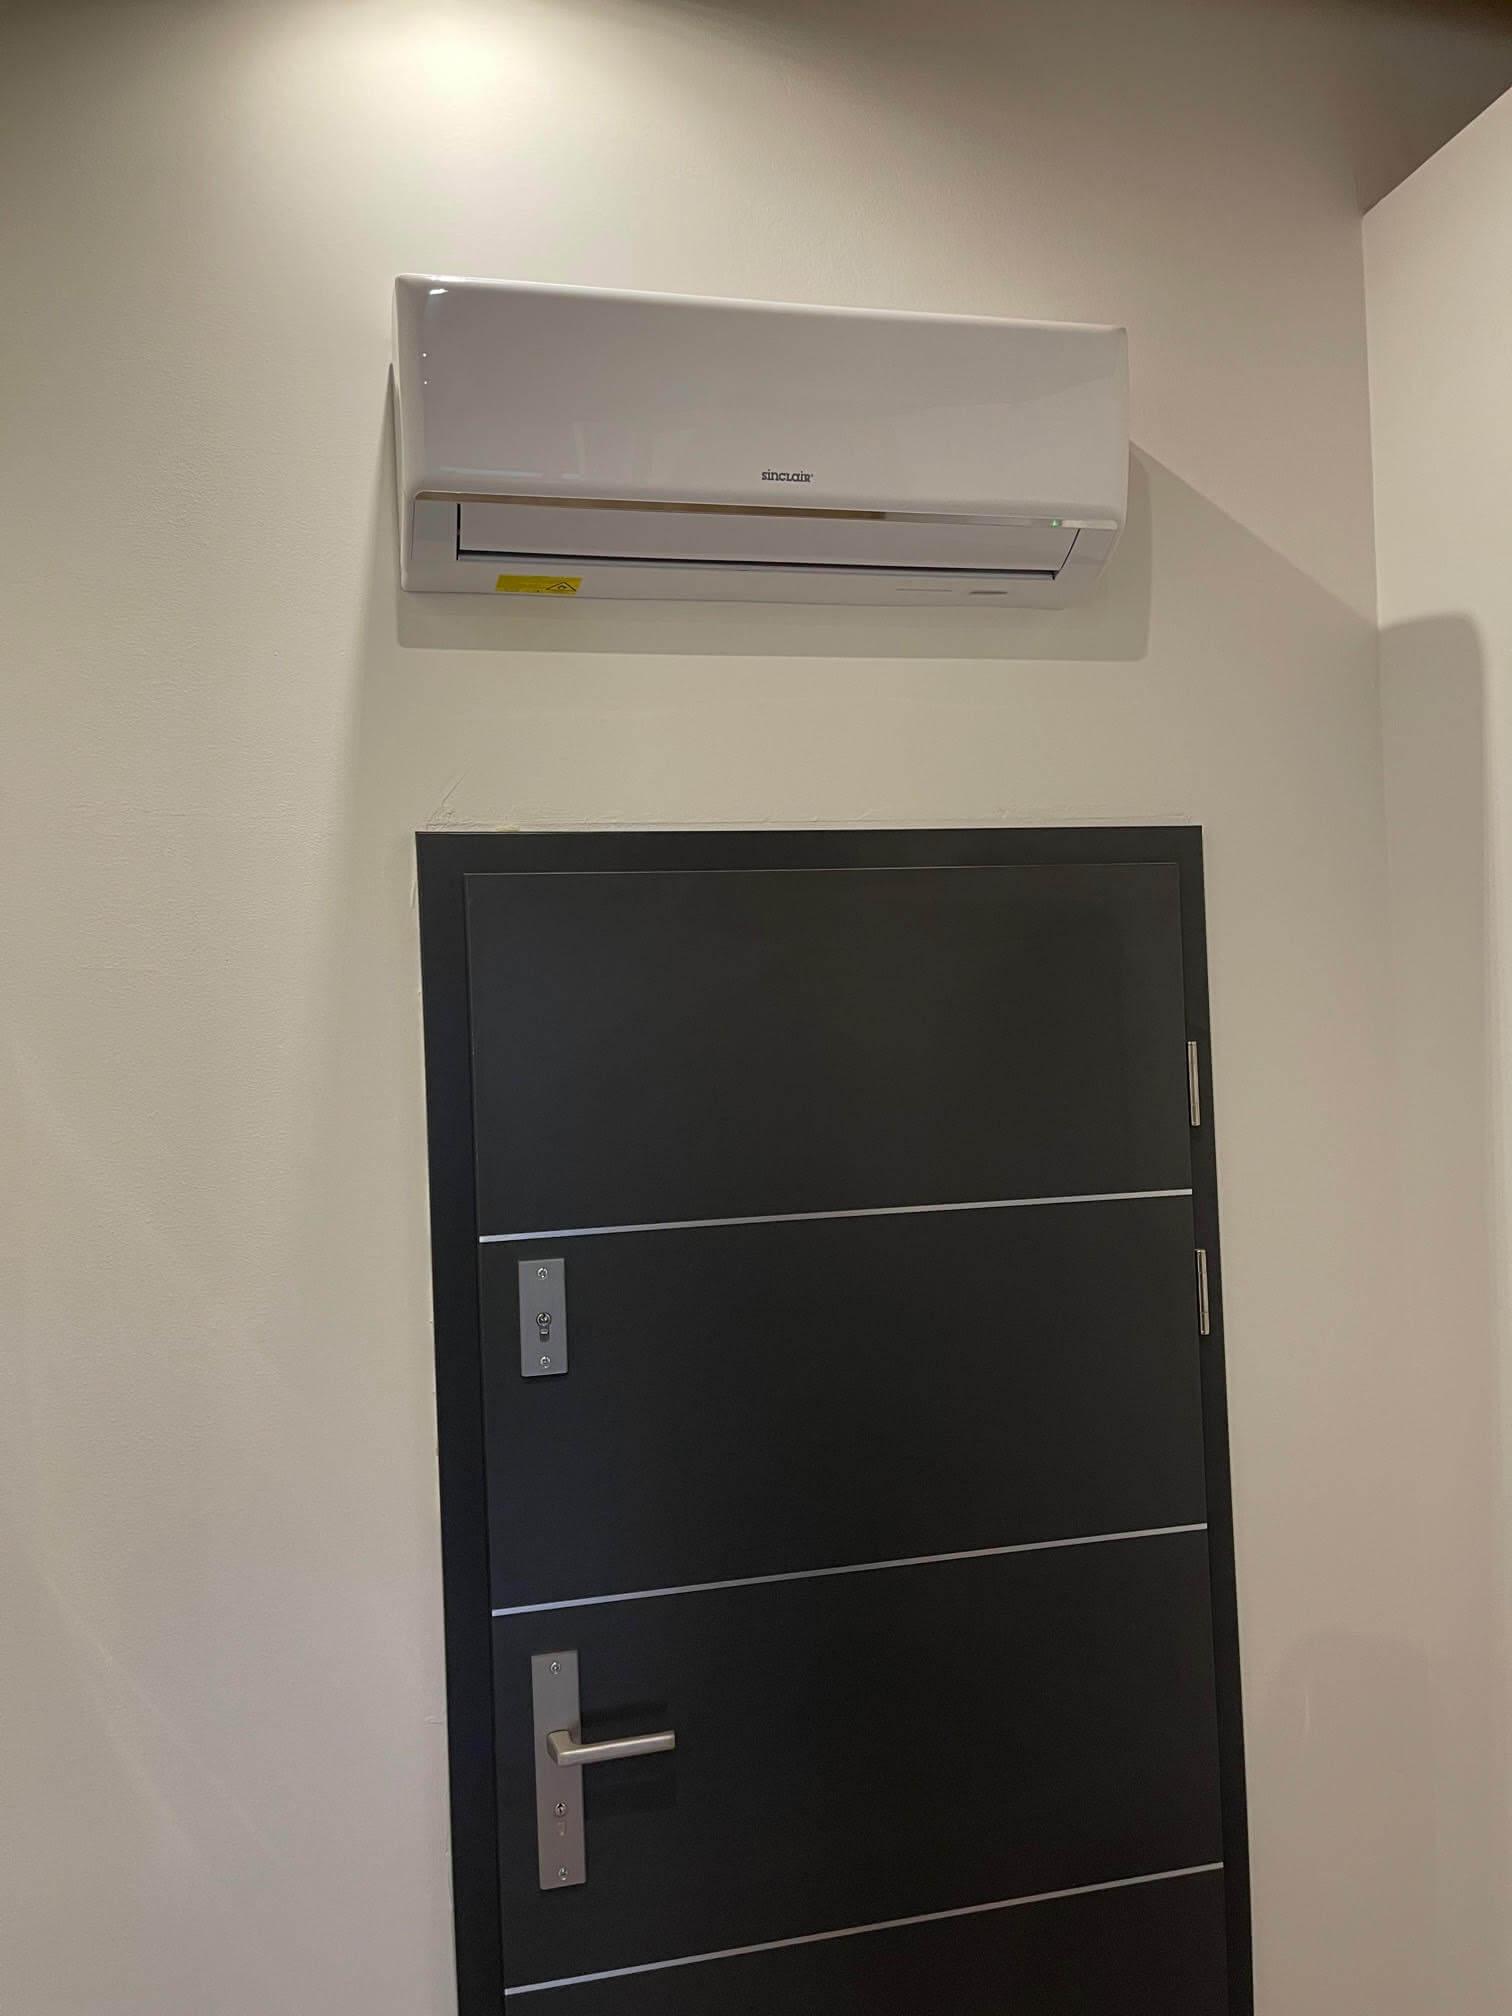 Na predaj novostavba, 2 izbový byt v Malackách, Kukučínová ulica,60m2, terasa 30m2, 2x parkovacie miesto-10